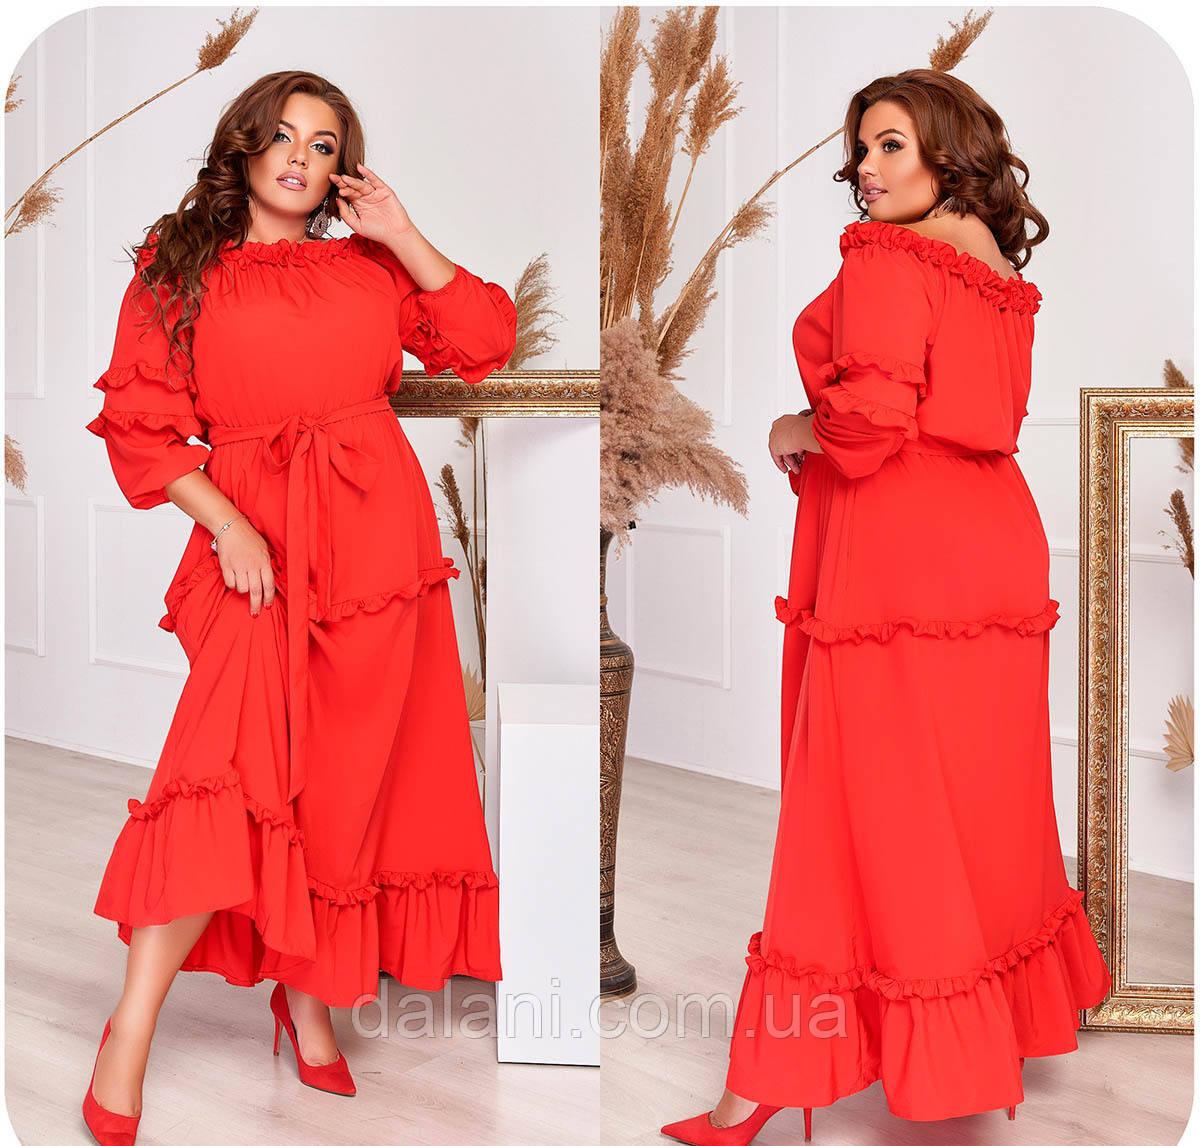 Вечірнє червоне плаття максі з оборками батал